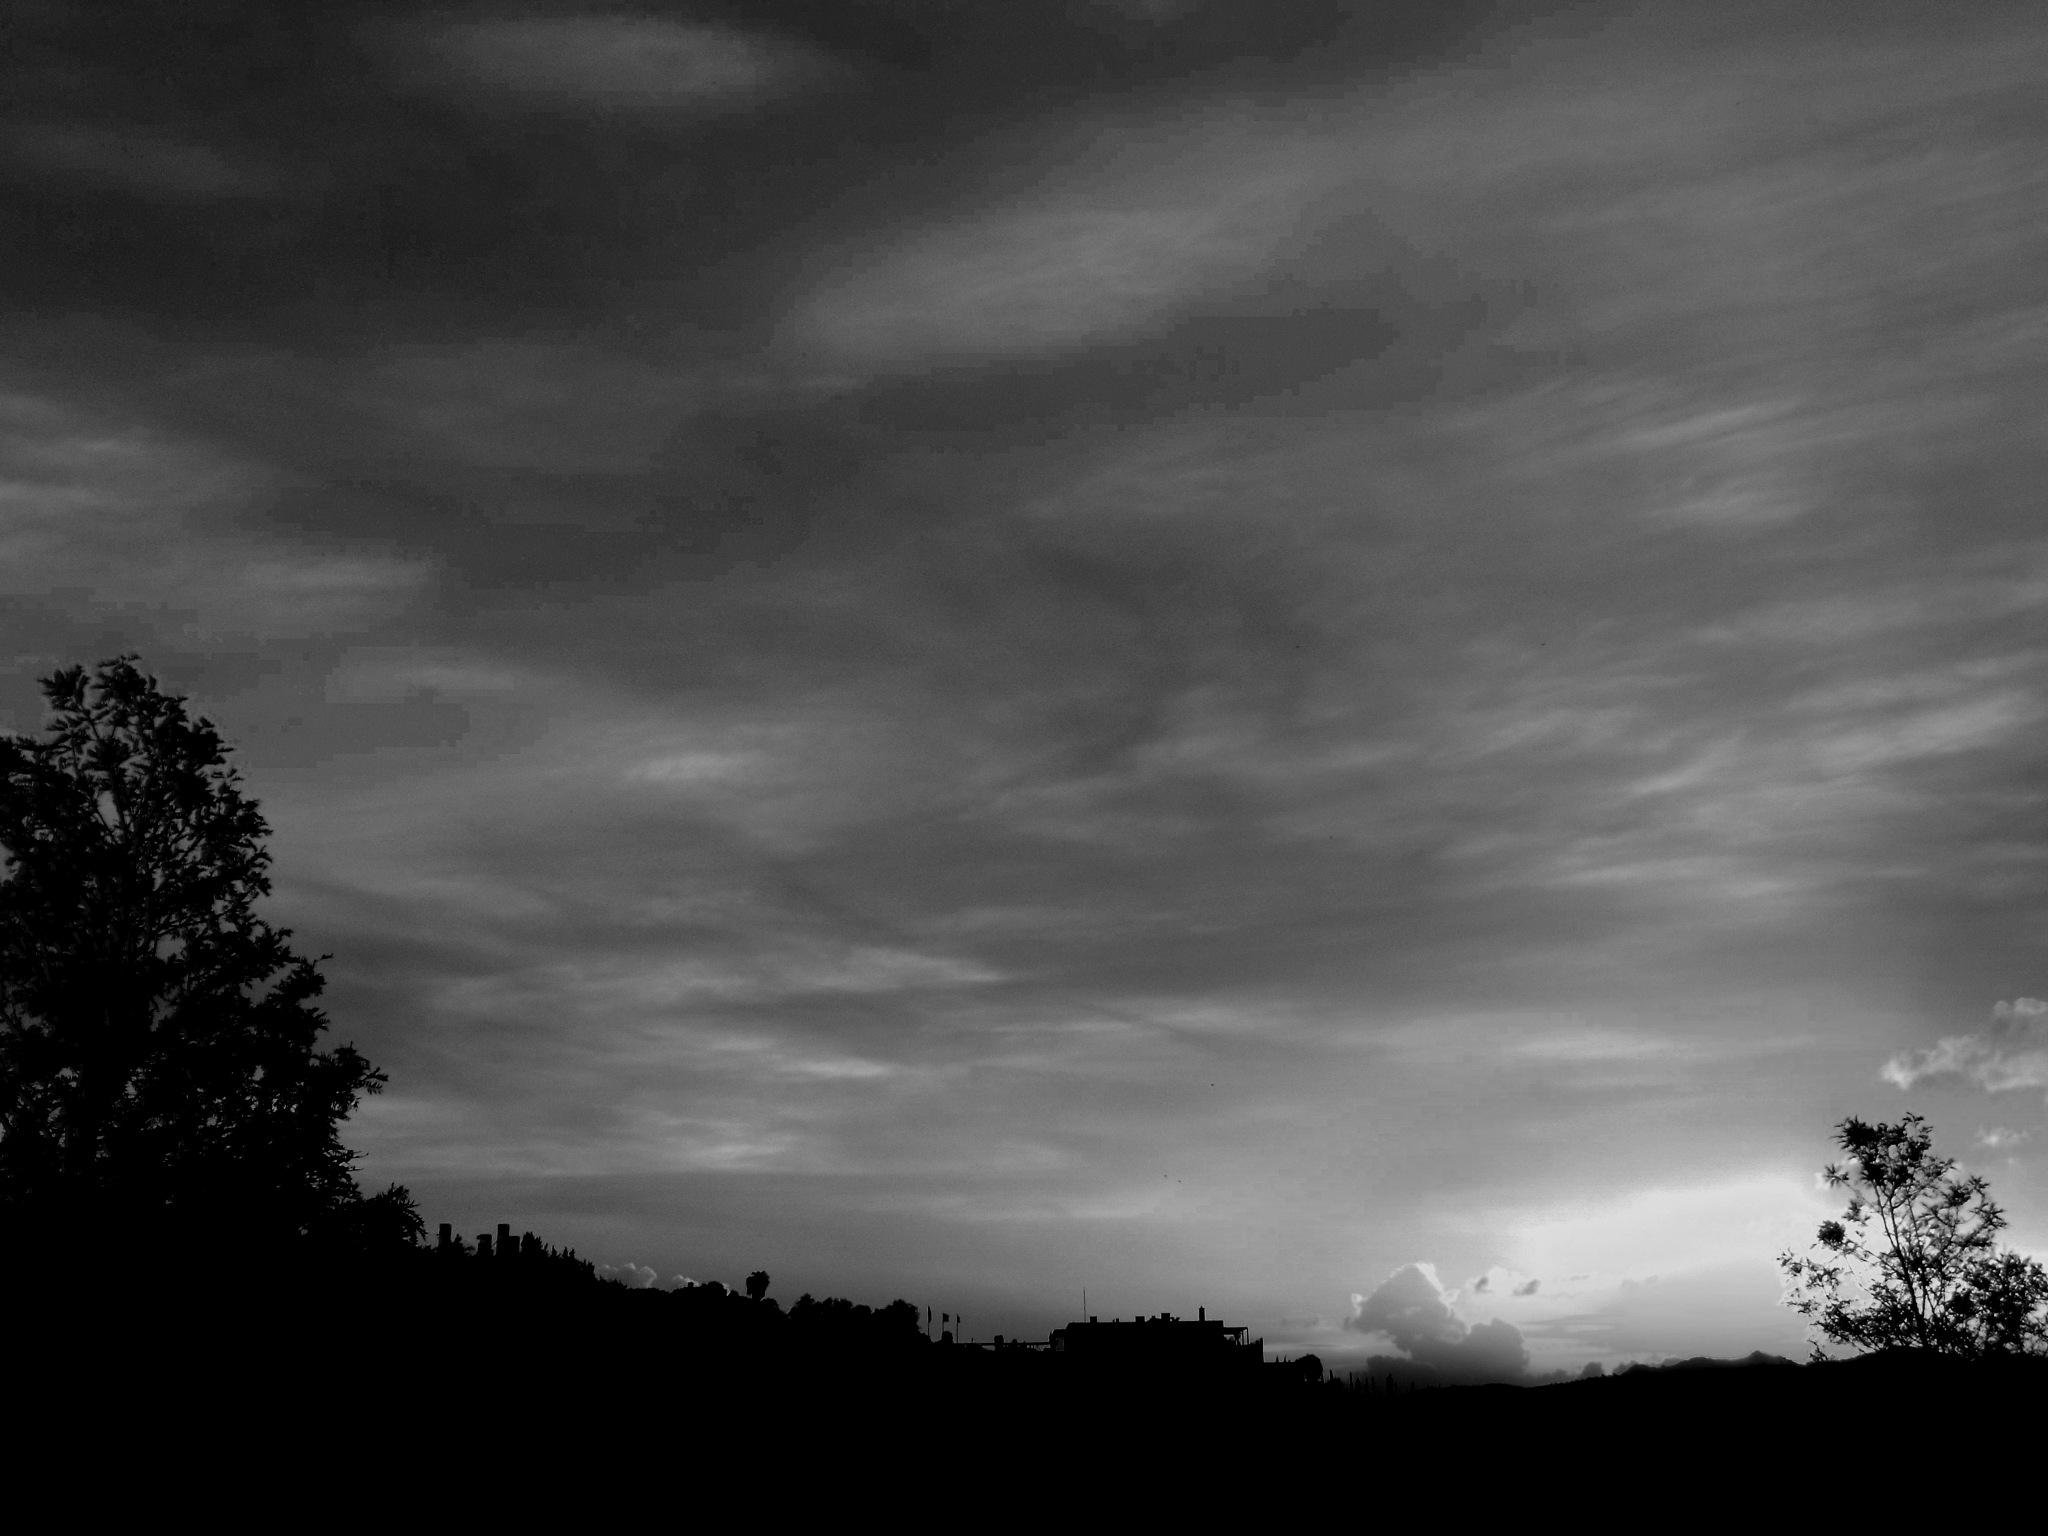 BITEZ SUNSET FROM MY BALCONY, B&W by Akin Saner